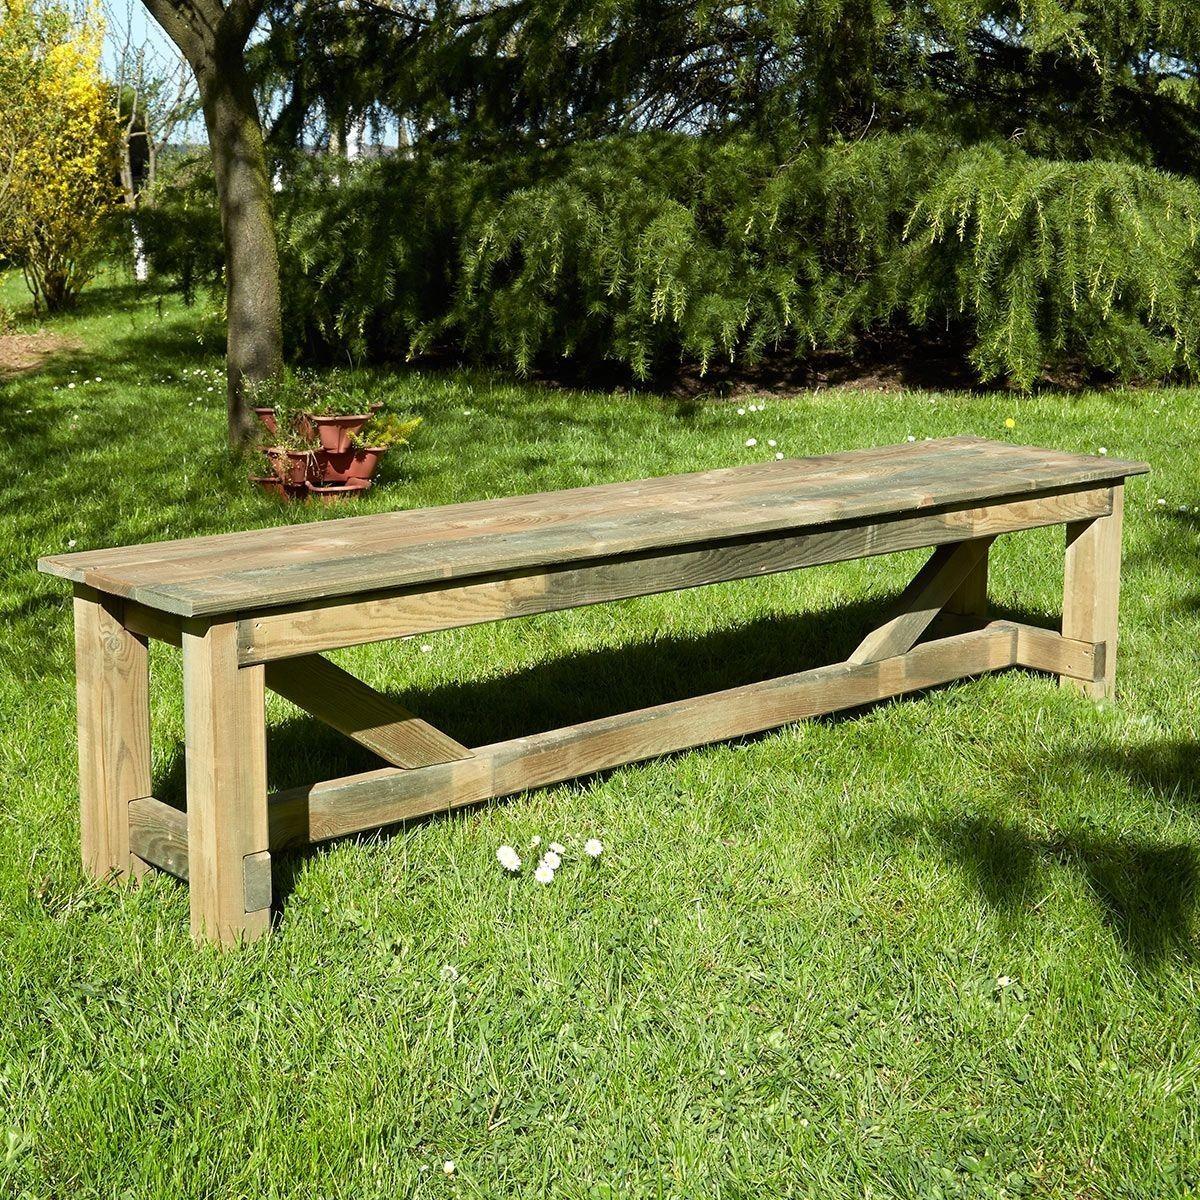 Salon de jardin en bois traité 2 bancs et 1 table rectangulaire ...